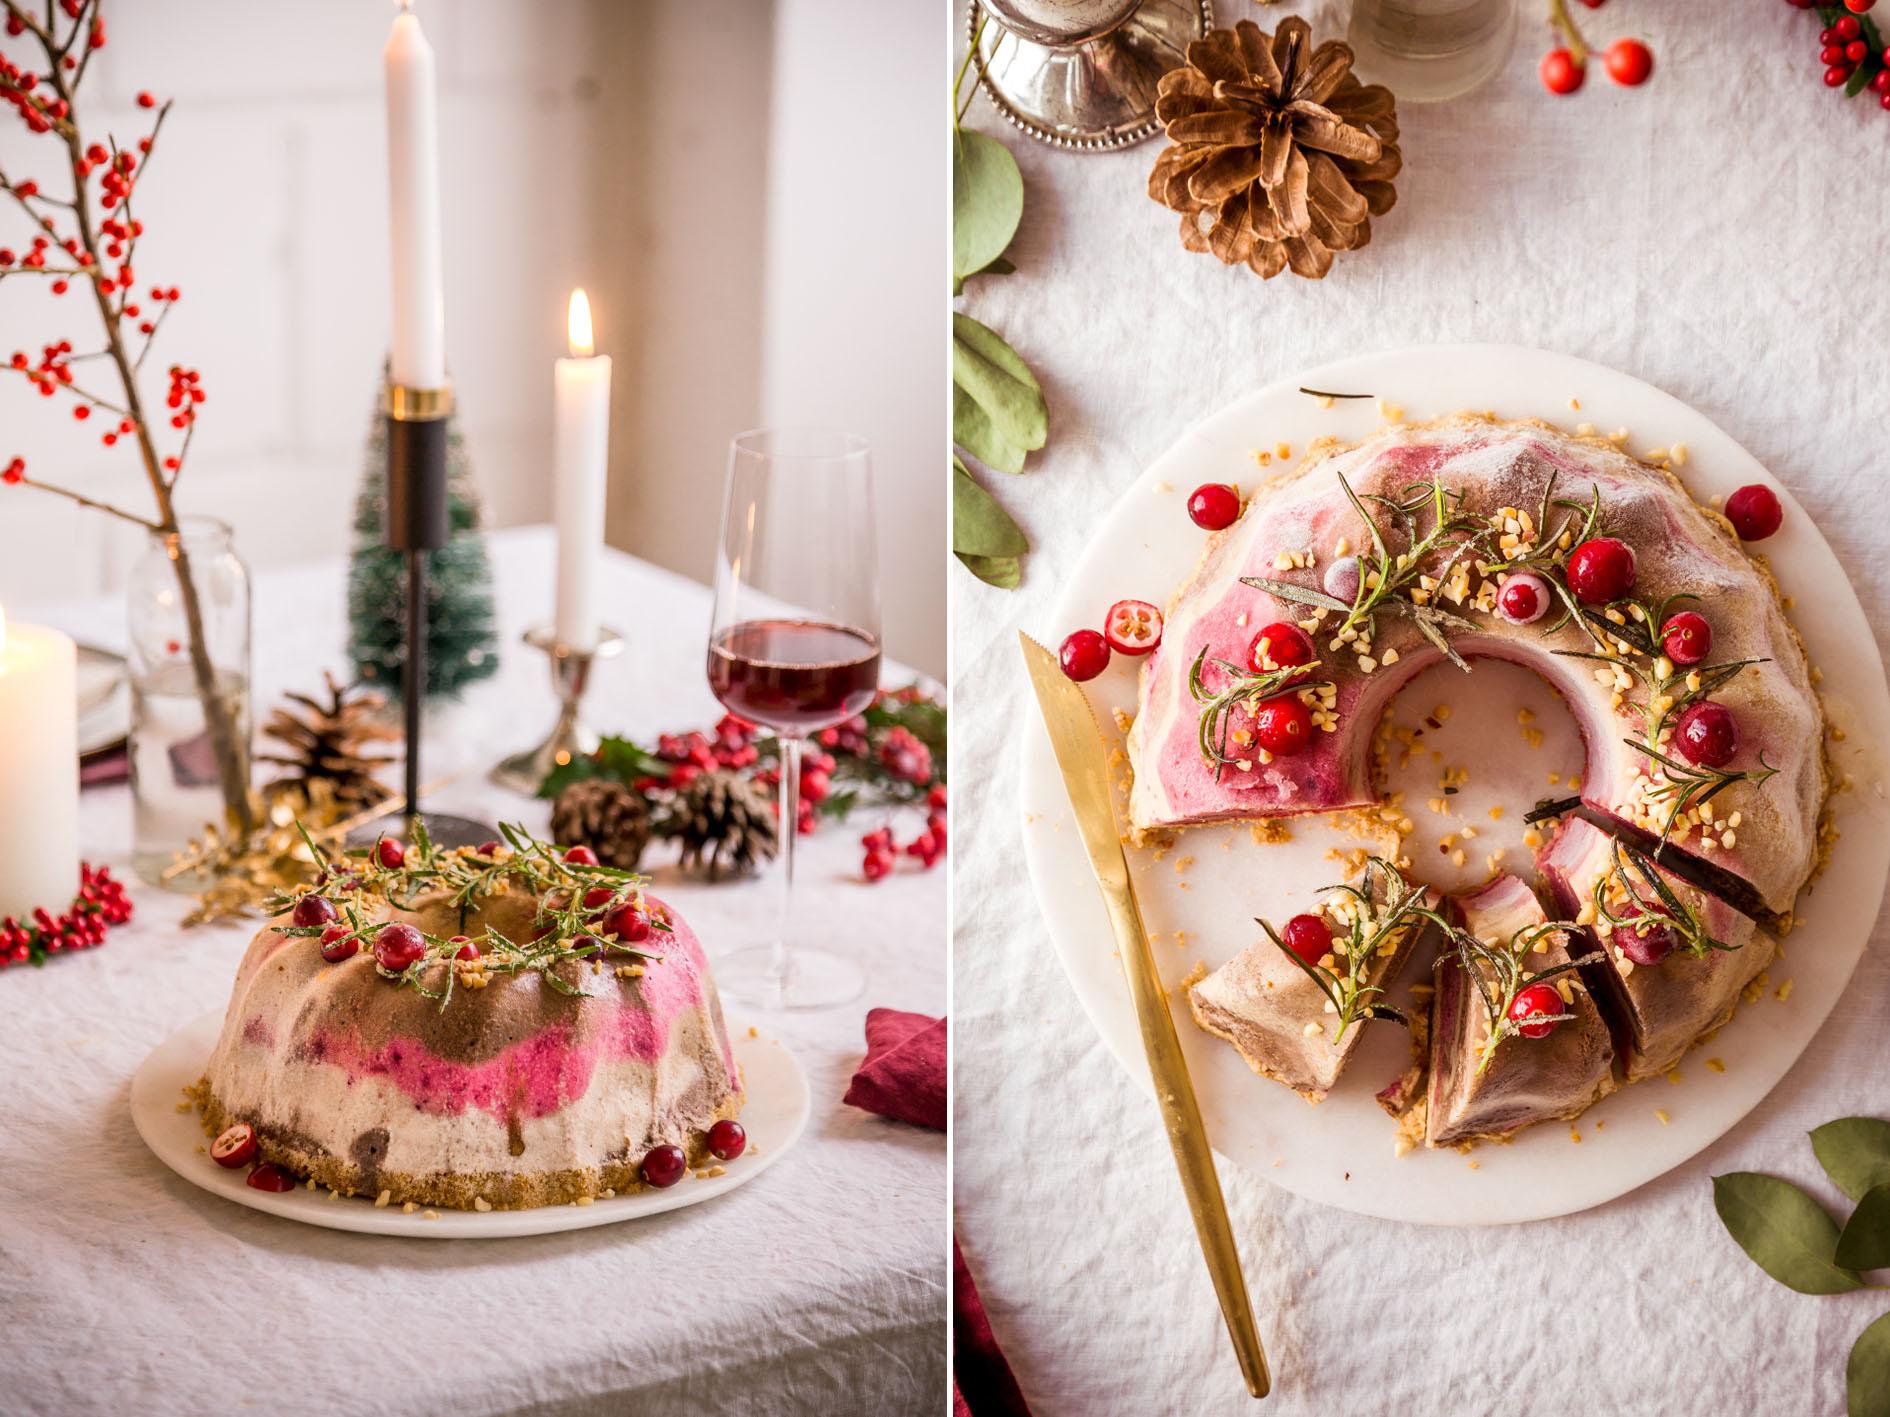 Eisgugelhupf als Weihnachtsdessert